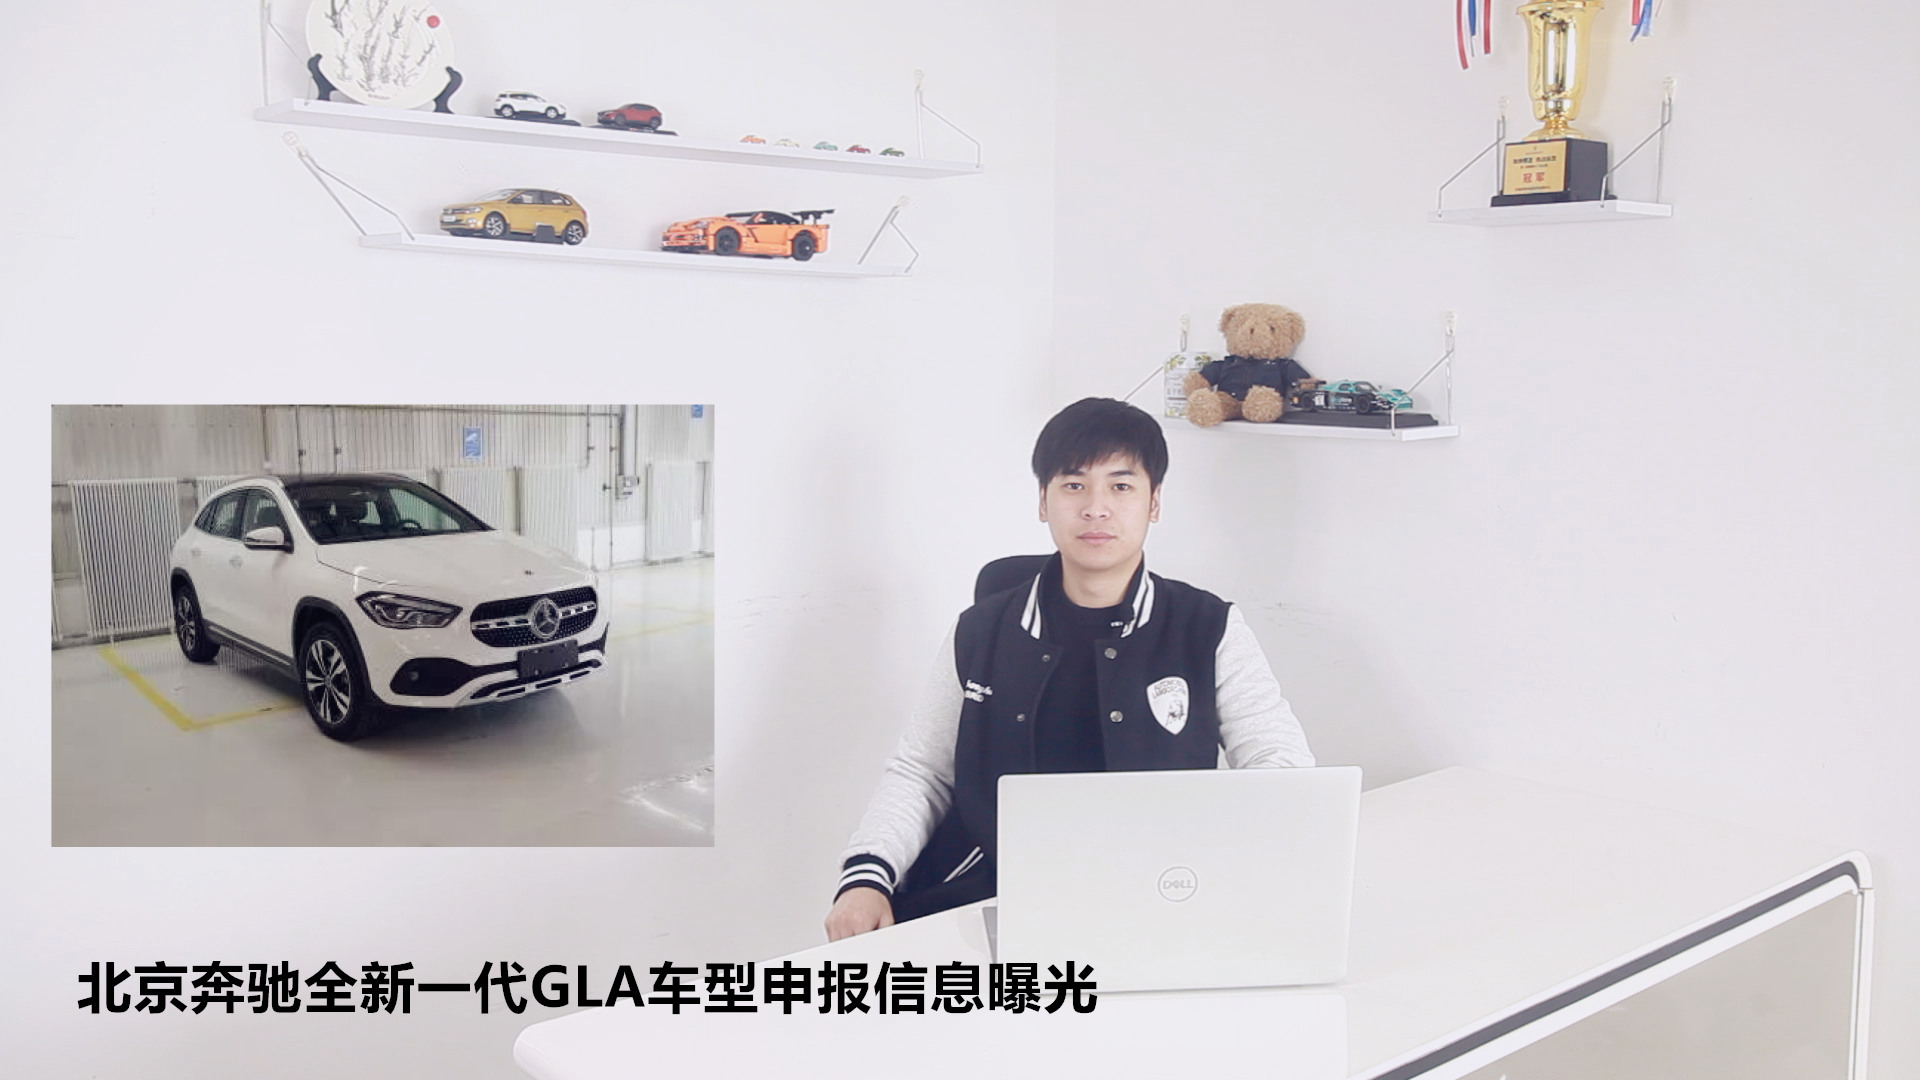 北京奔驰全新一代GLA车型申报信息曝光